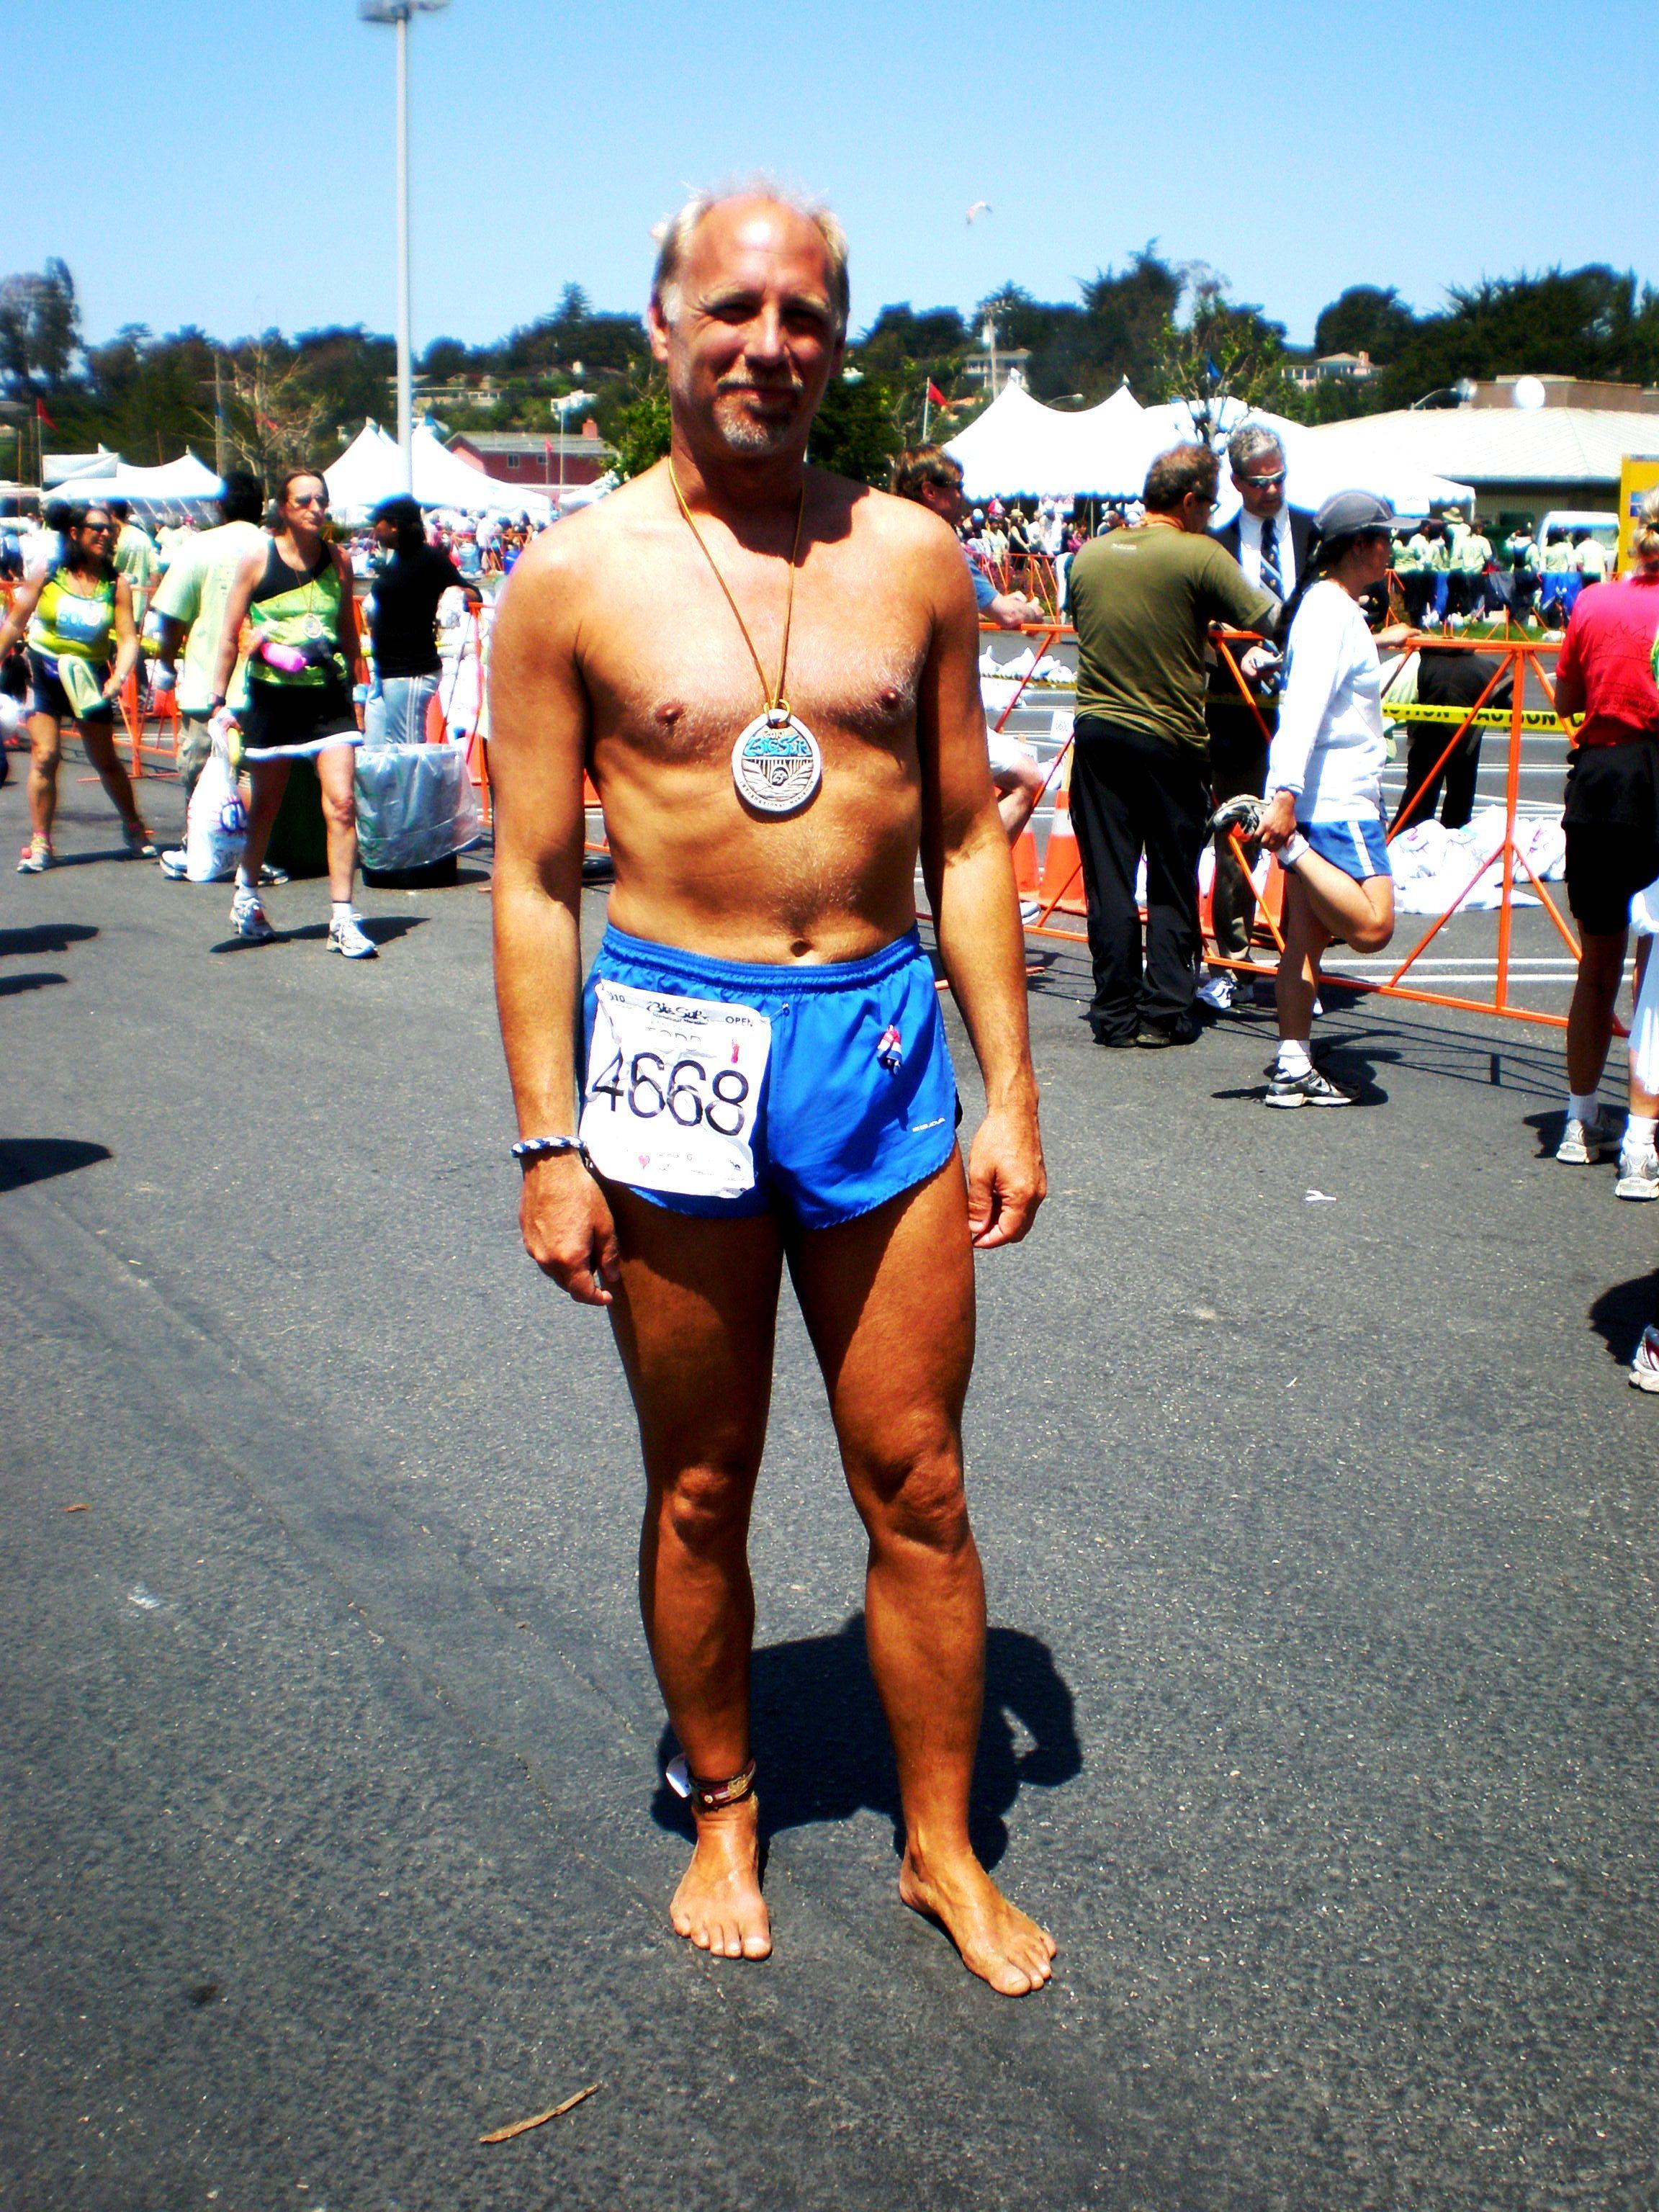 Todd at Big Sur International Marathon